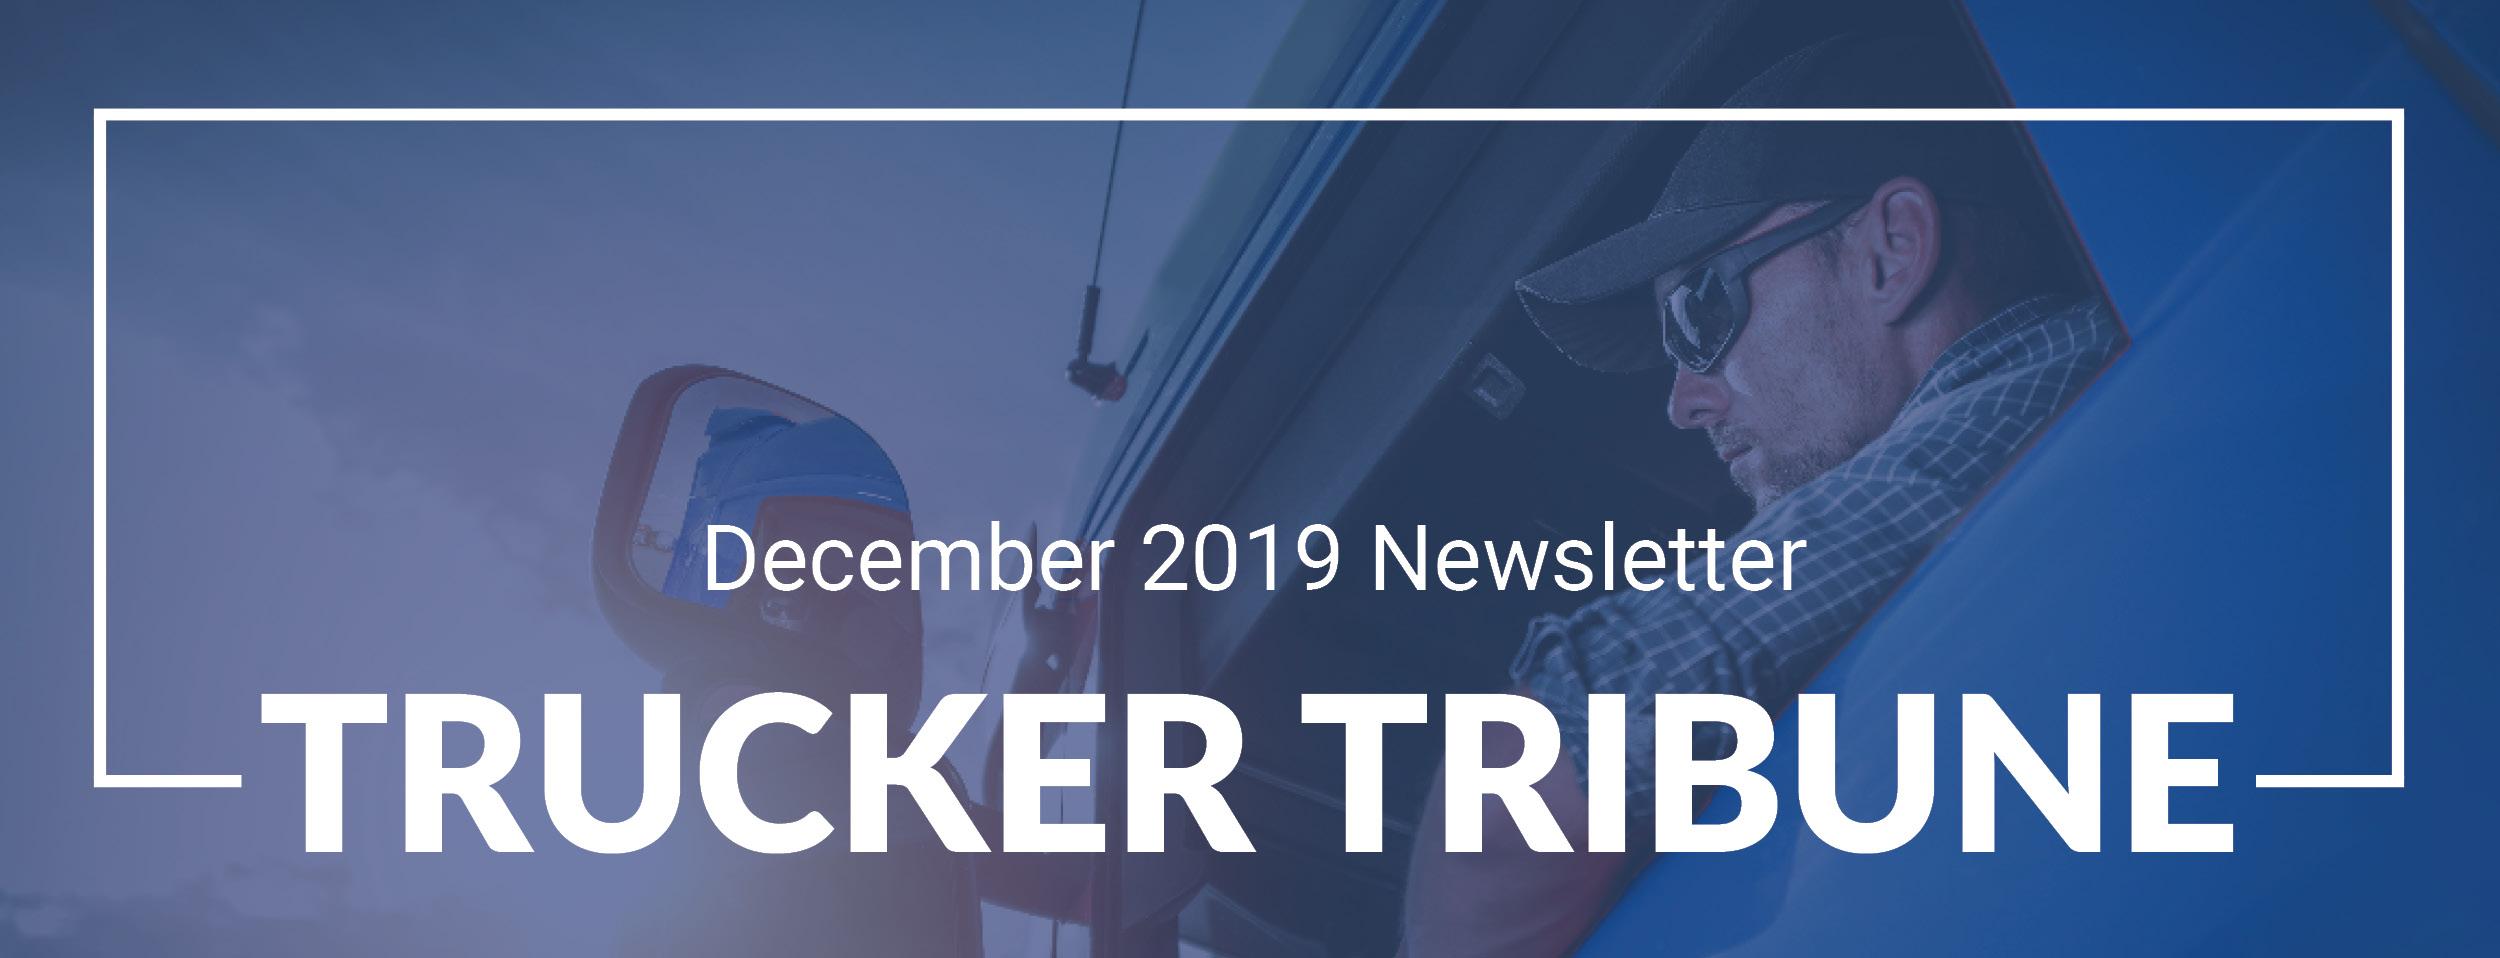 Trucker_Tribune_Header Dec 2019-1